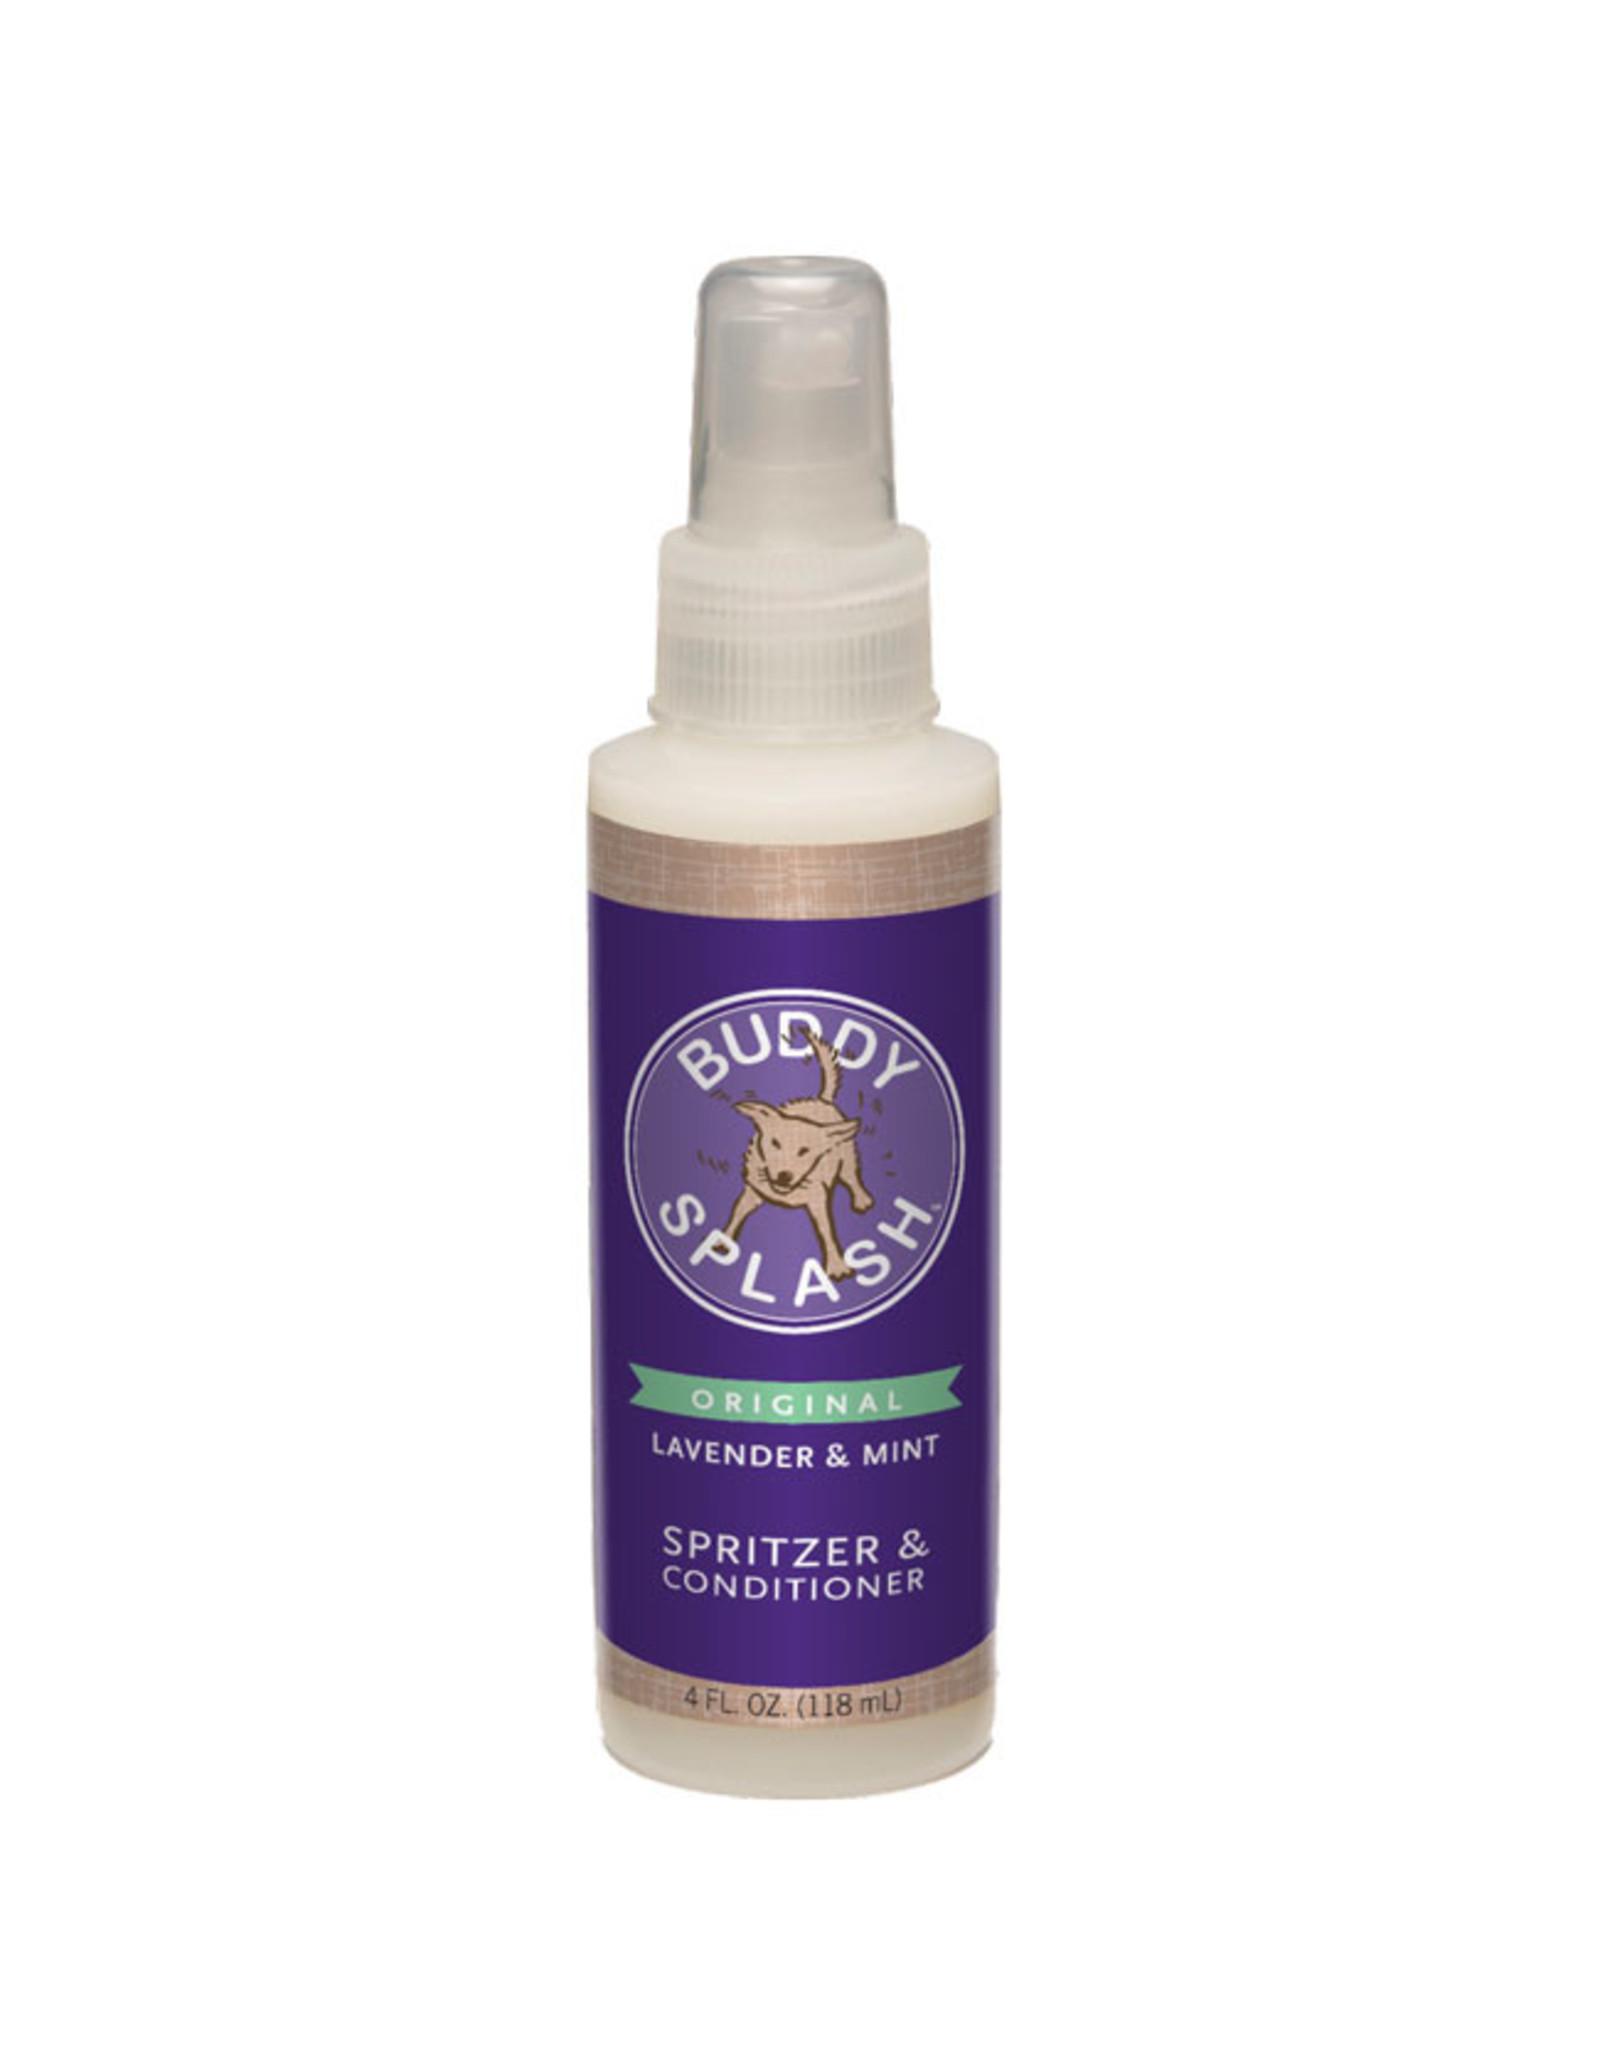 Cloud Star Buddy Splash Lavender & Mint Spritzer & Conditioner 4oz